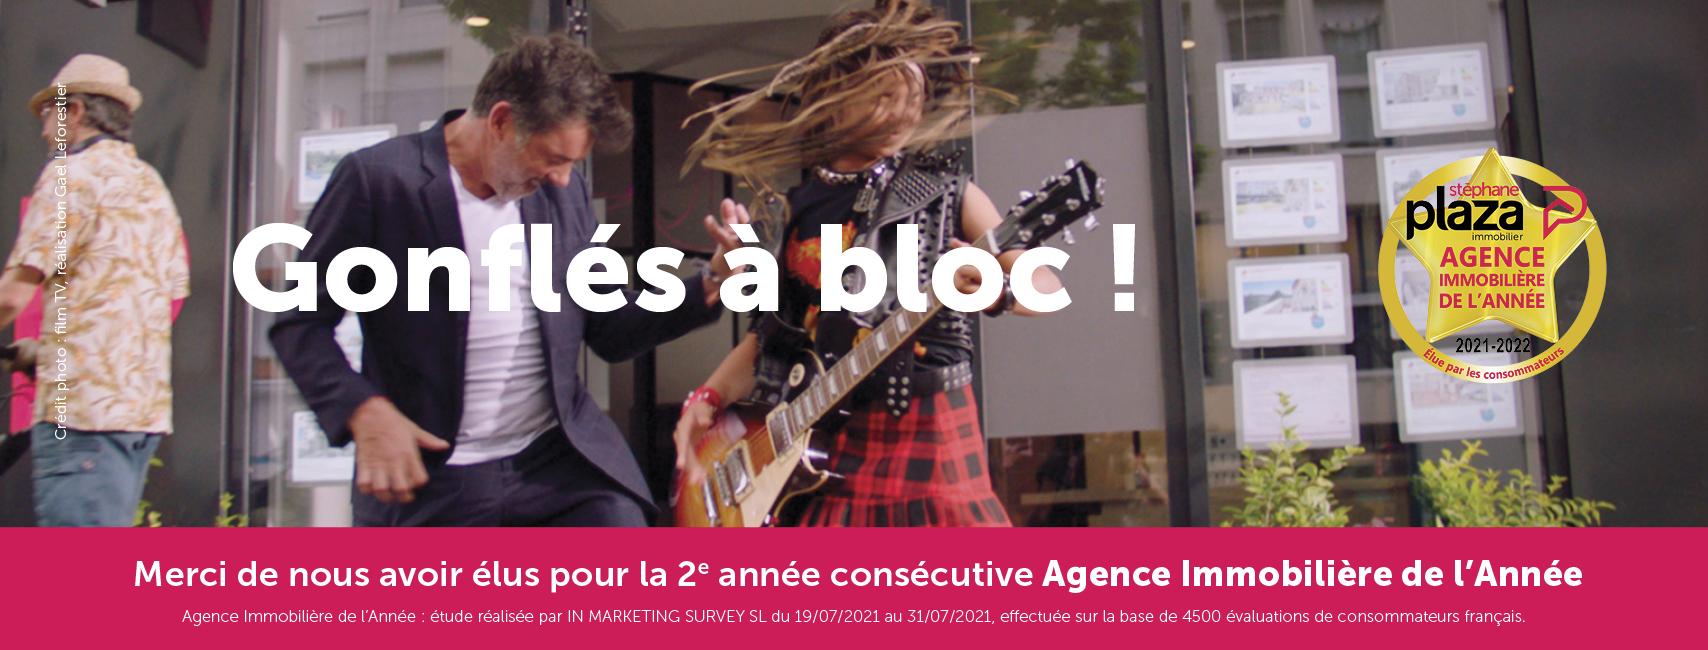 Stéphane Plaza Immobilier Mantes la Jolie